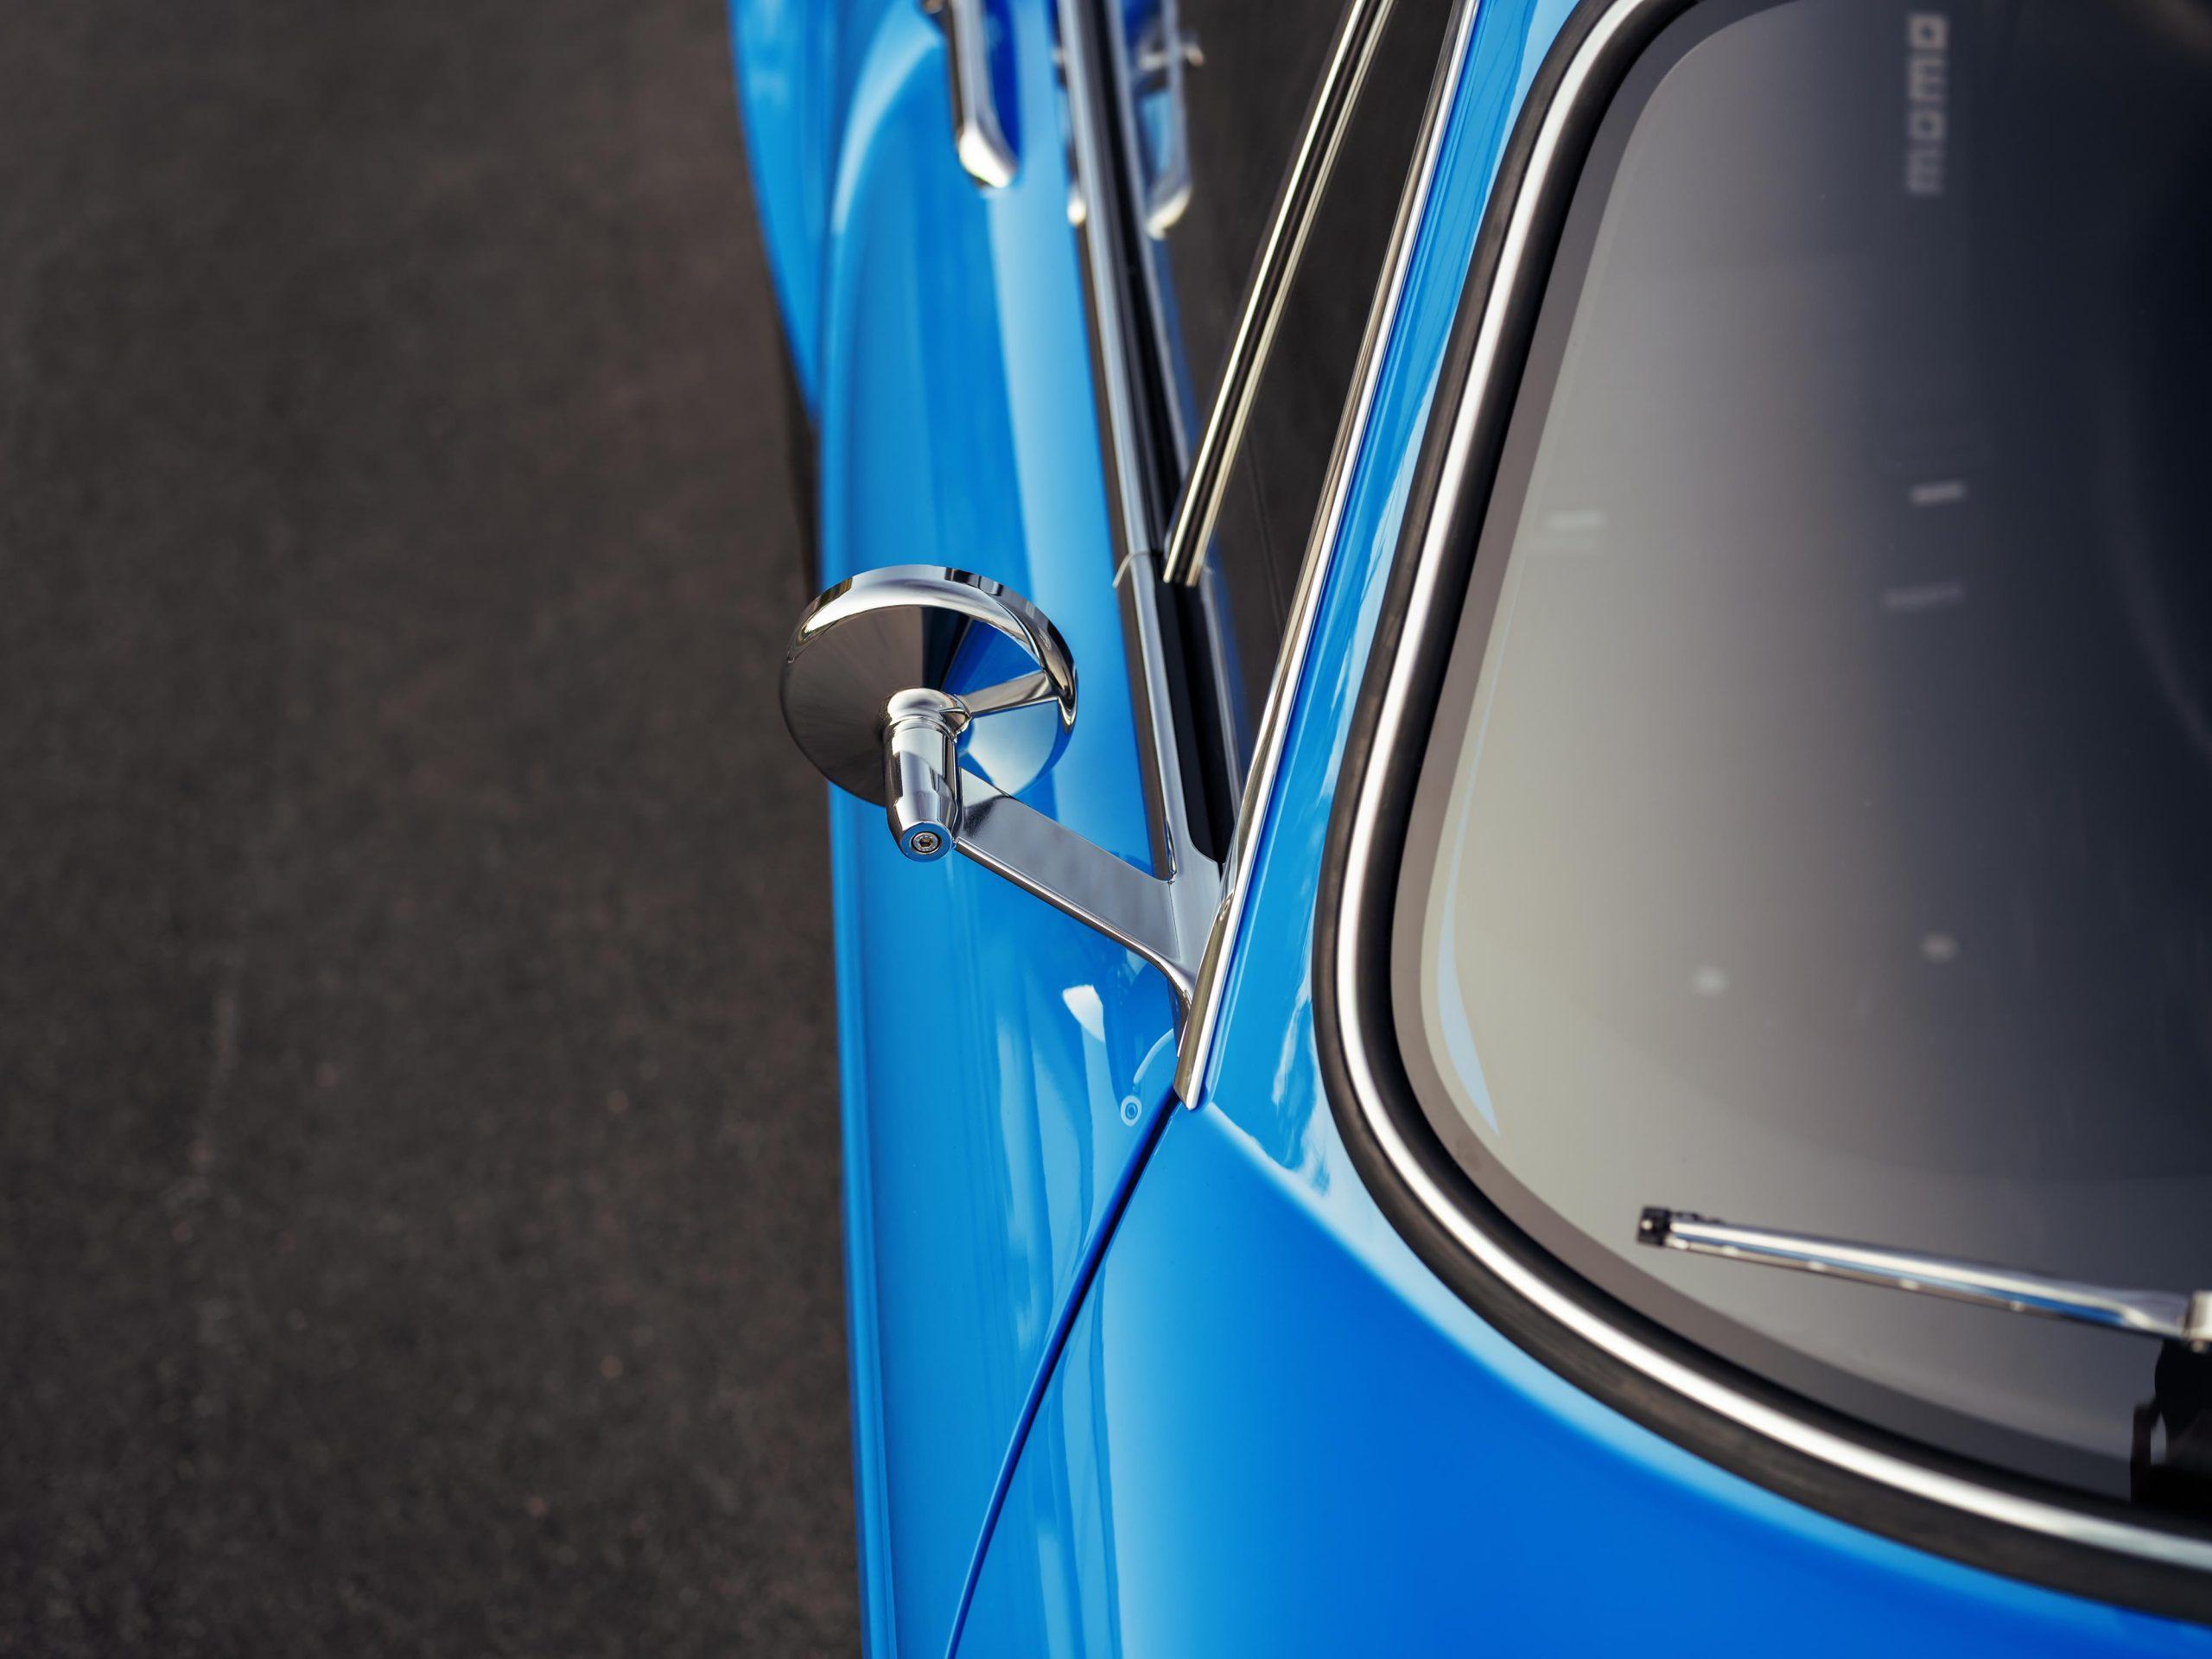 Volvo P1800 Cyan mirror detail